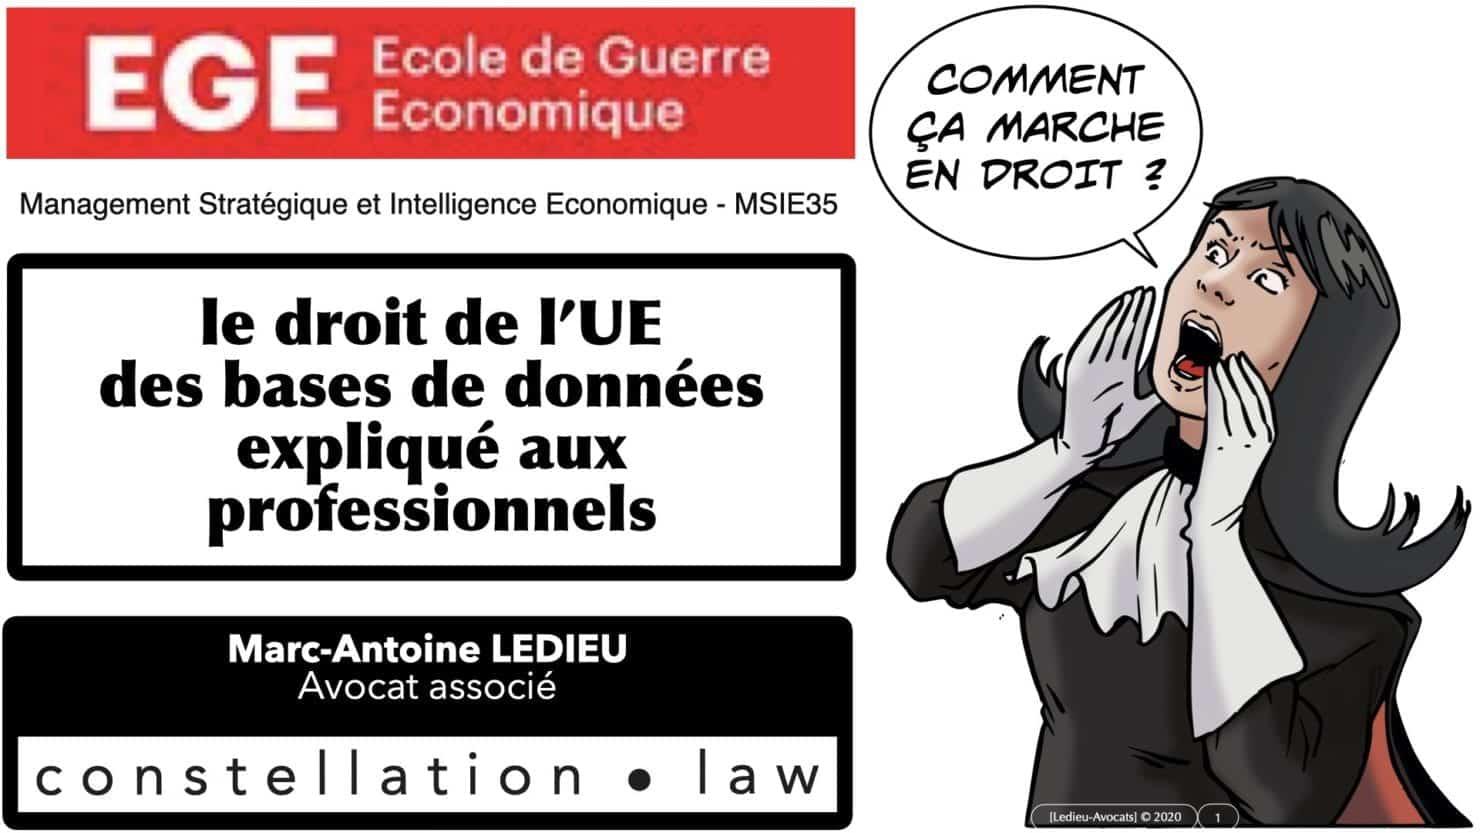 le droit de l'UE sur les bases de données expliqué aux pro de l'EGE #MSIE35